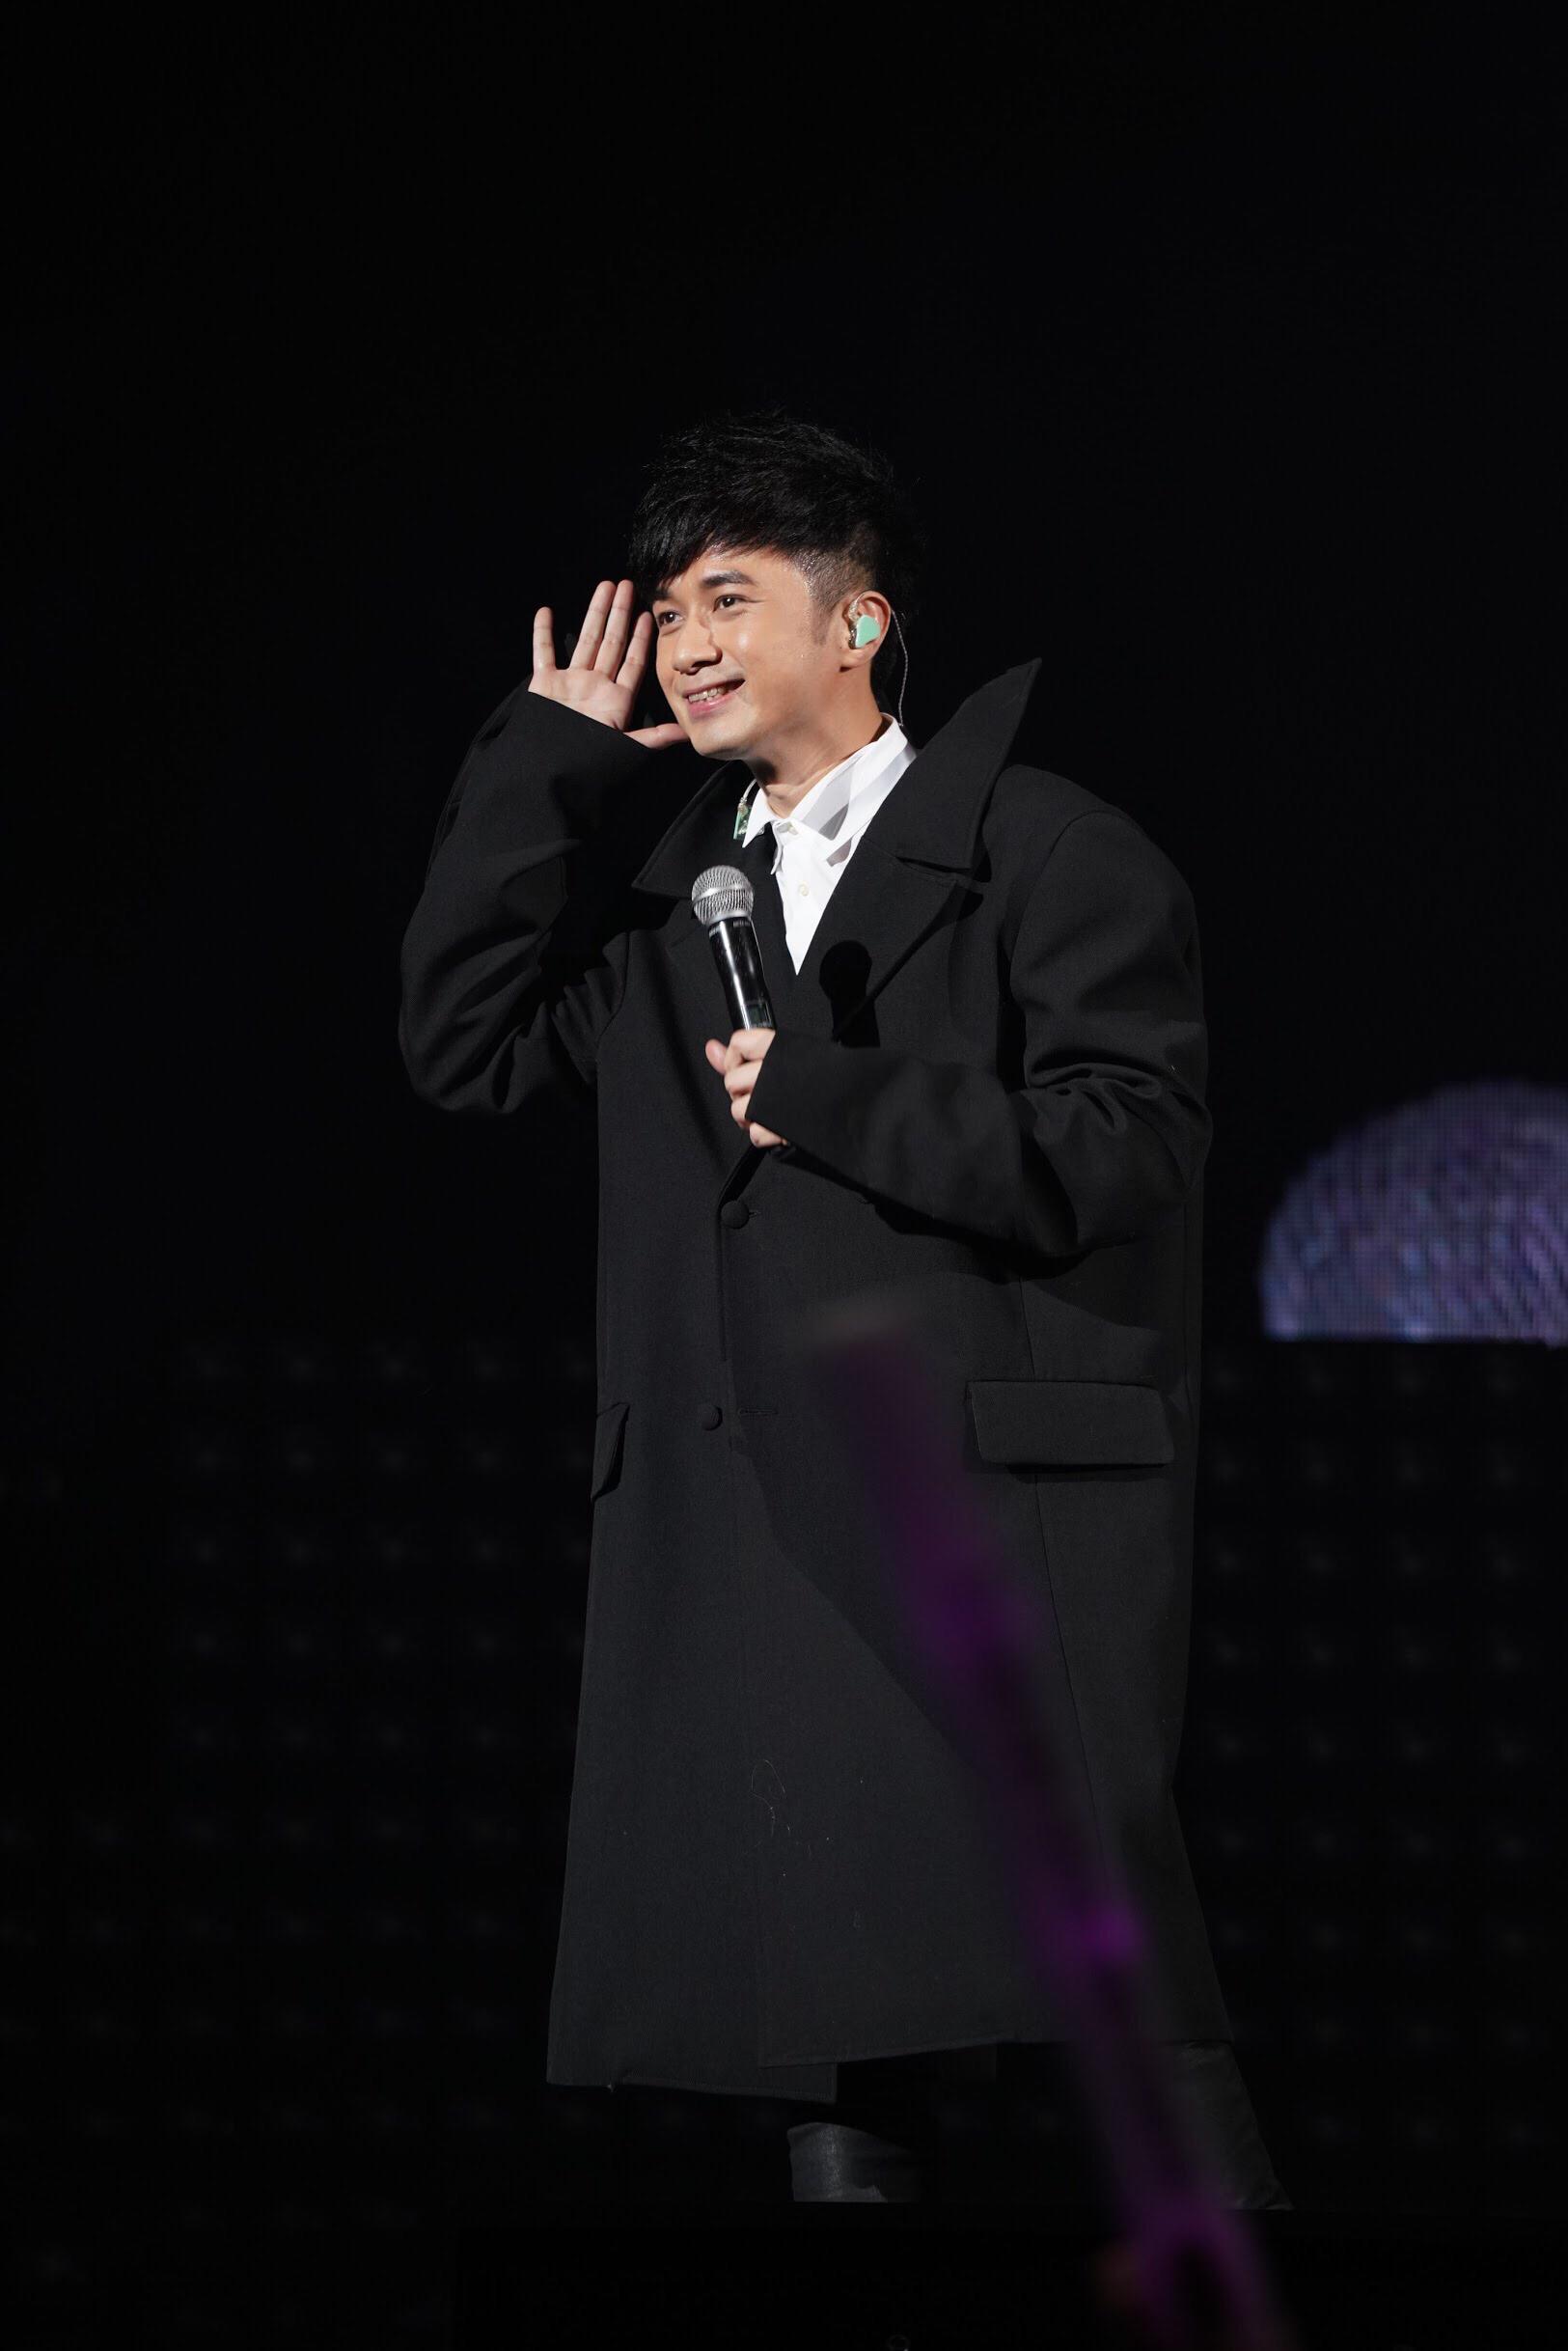 古巨基演唱会2013_古巨基身兼演唱会总监及嘉宾 惊喜现身周慧敏三十周年演唱会